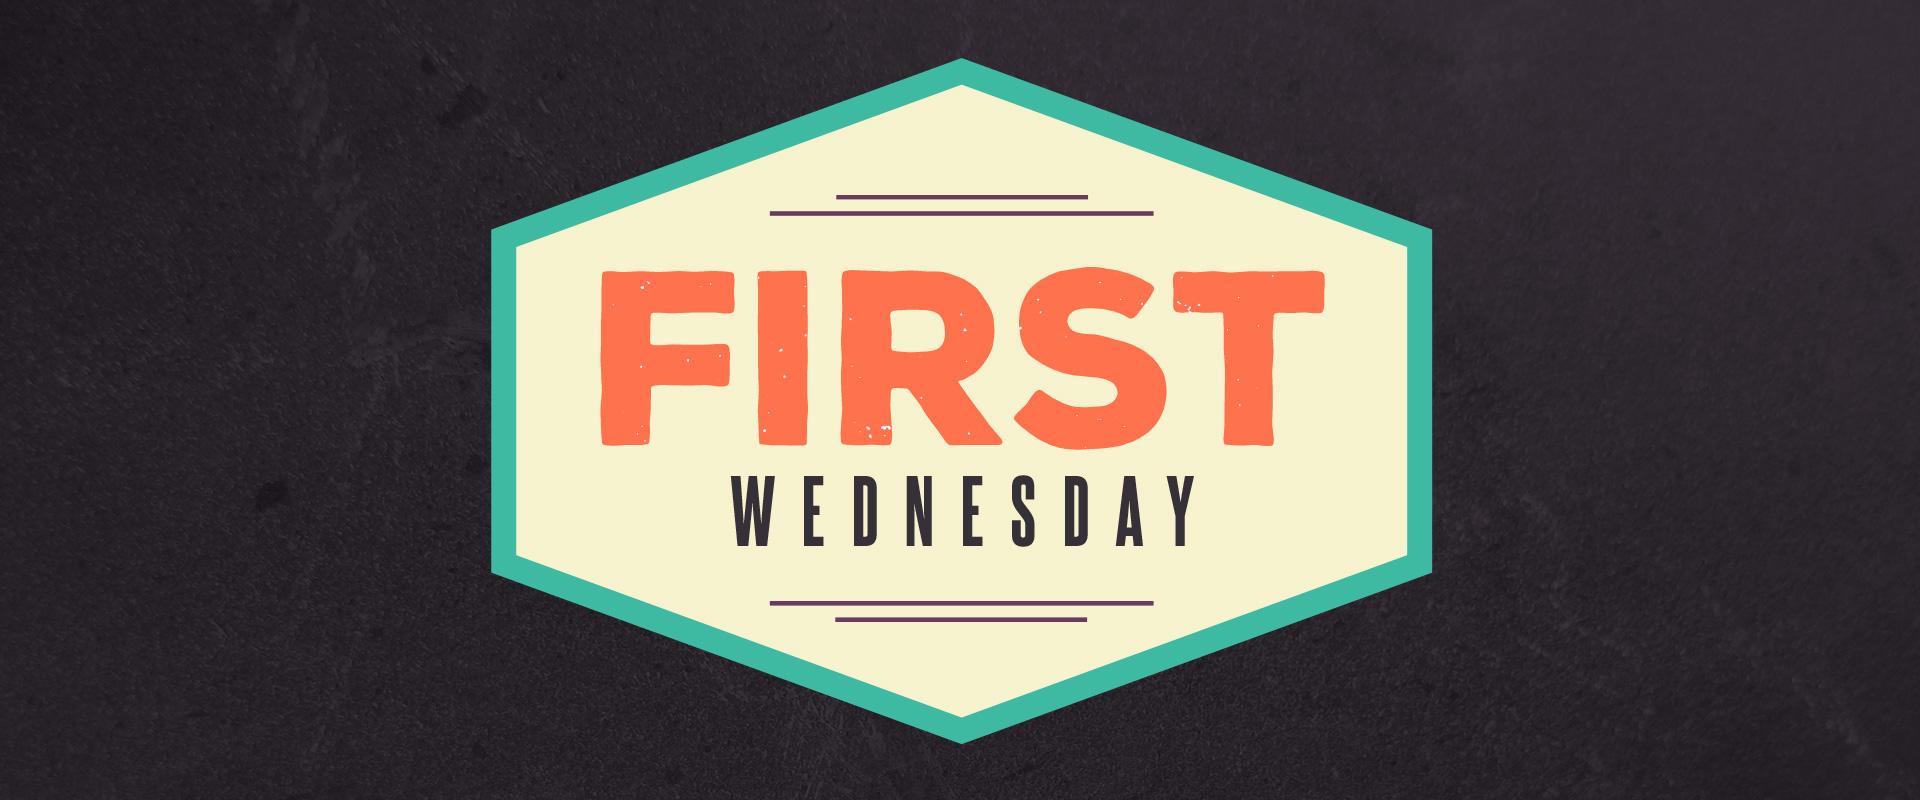 firstwednesday-eventheader.jpg